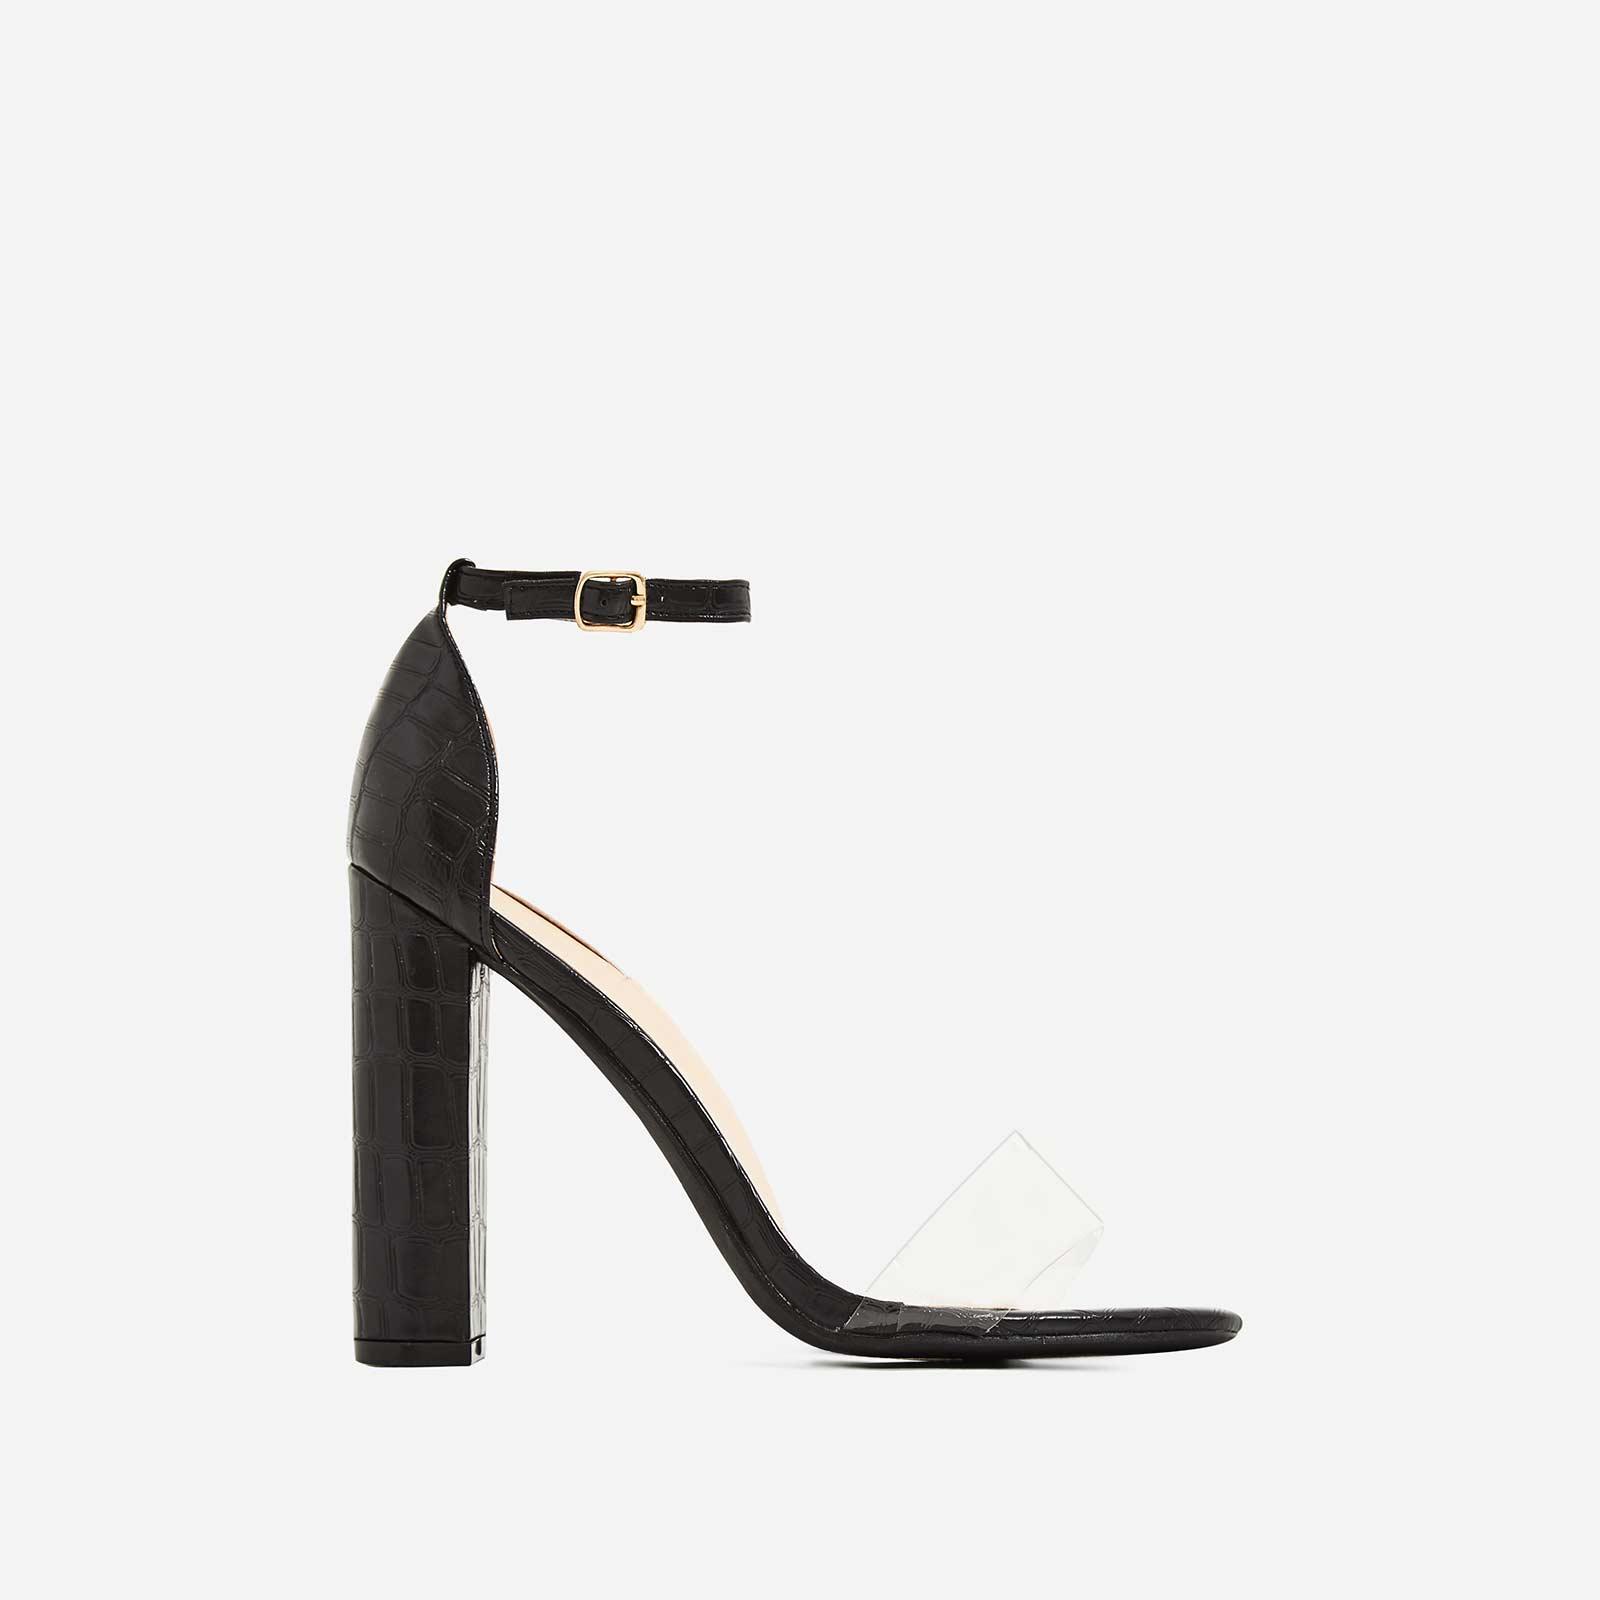 Carmela Block Heel Perspex Heel In Black Croc Print Faux Leather